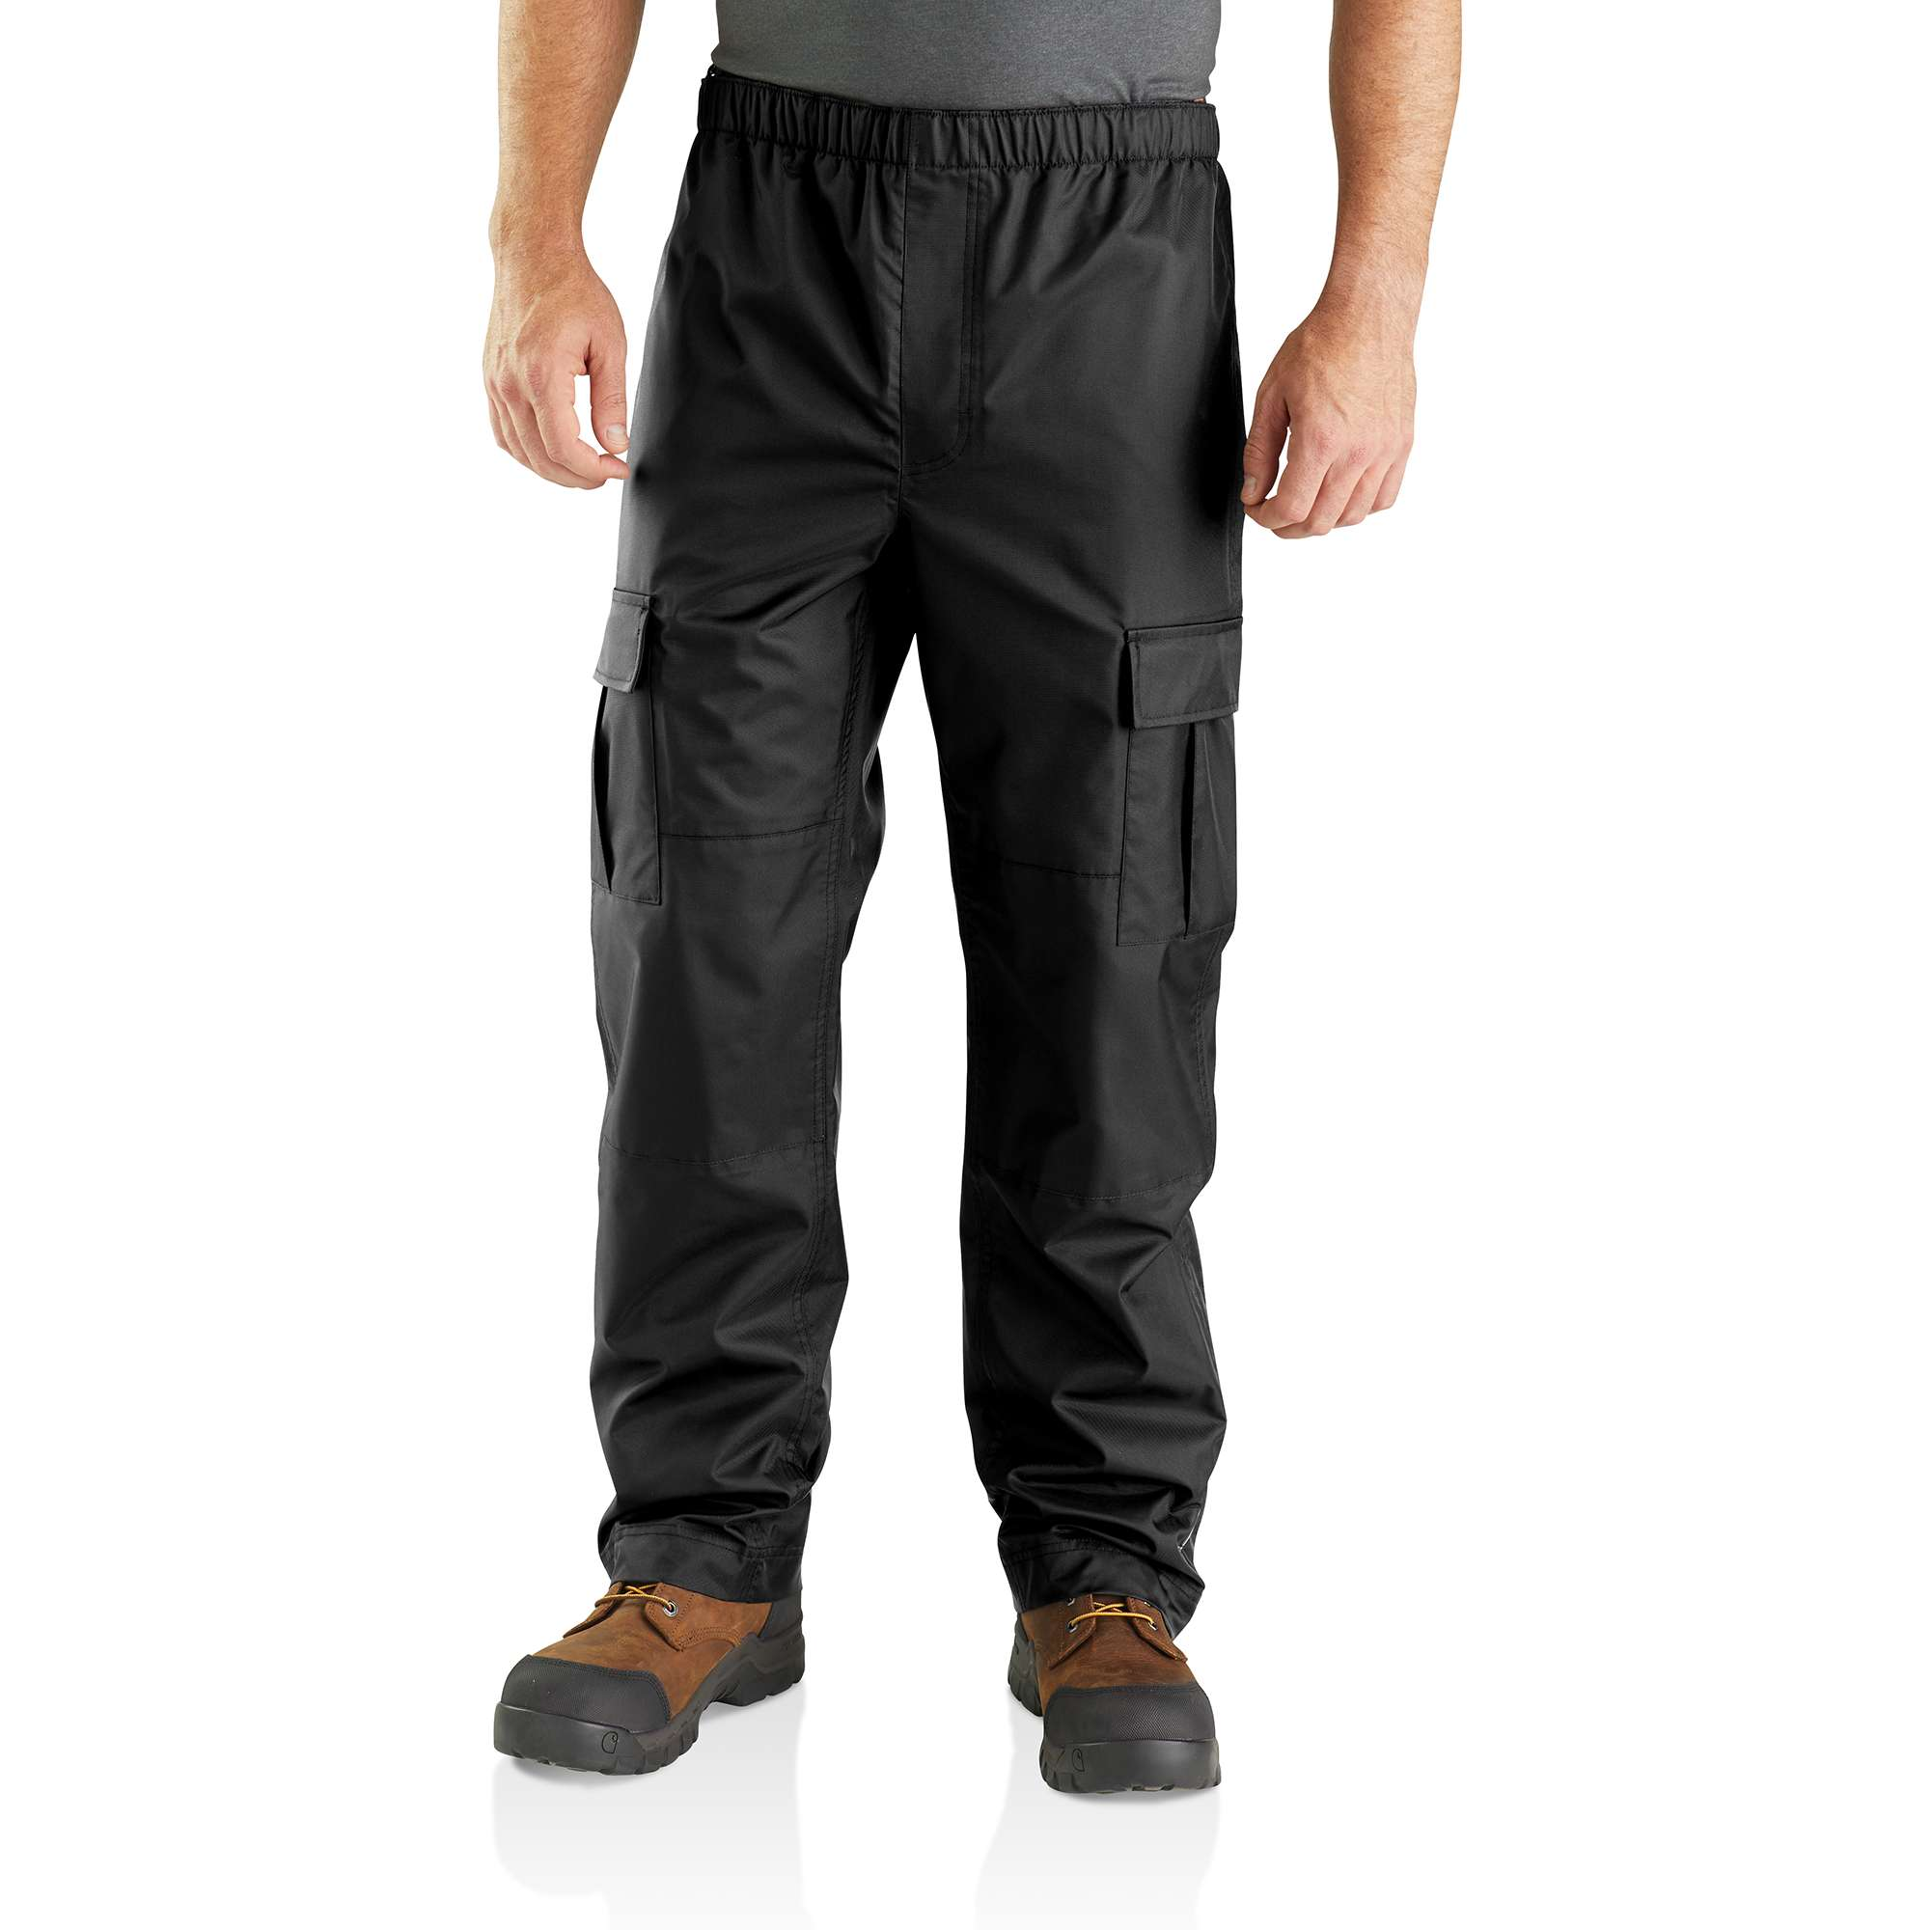 Dry Harbor Waterproof Breathable Pant